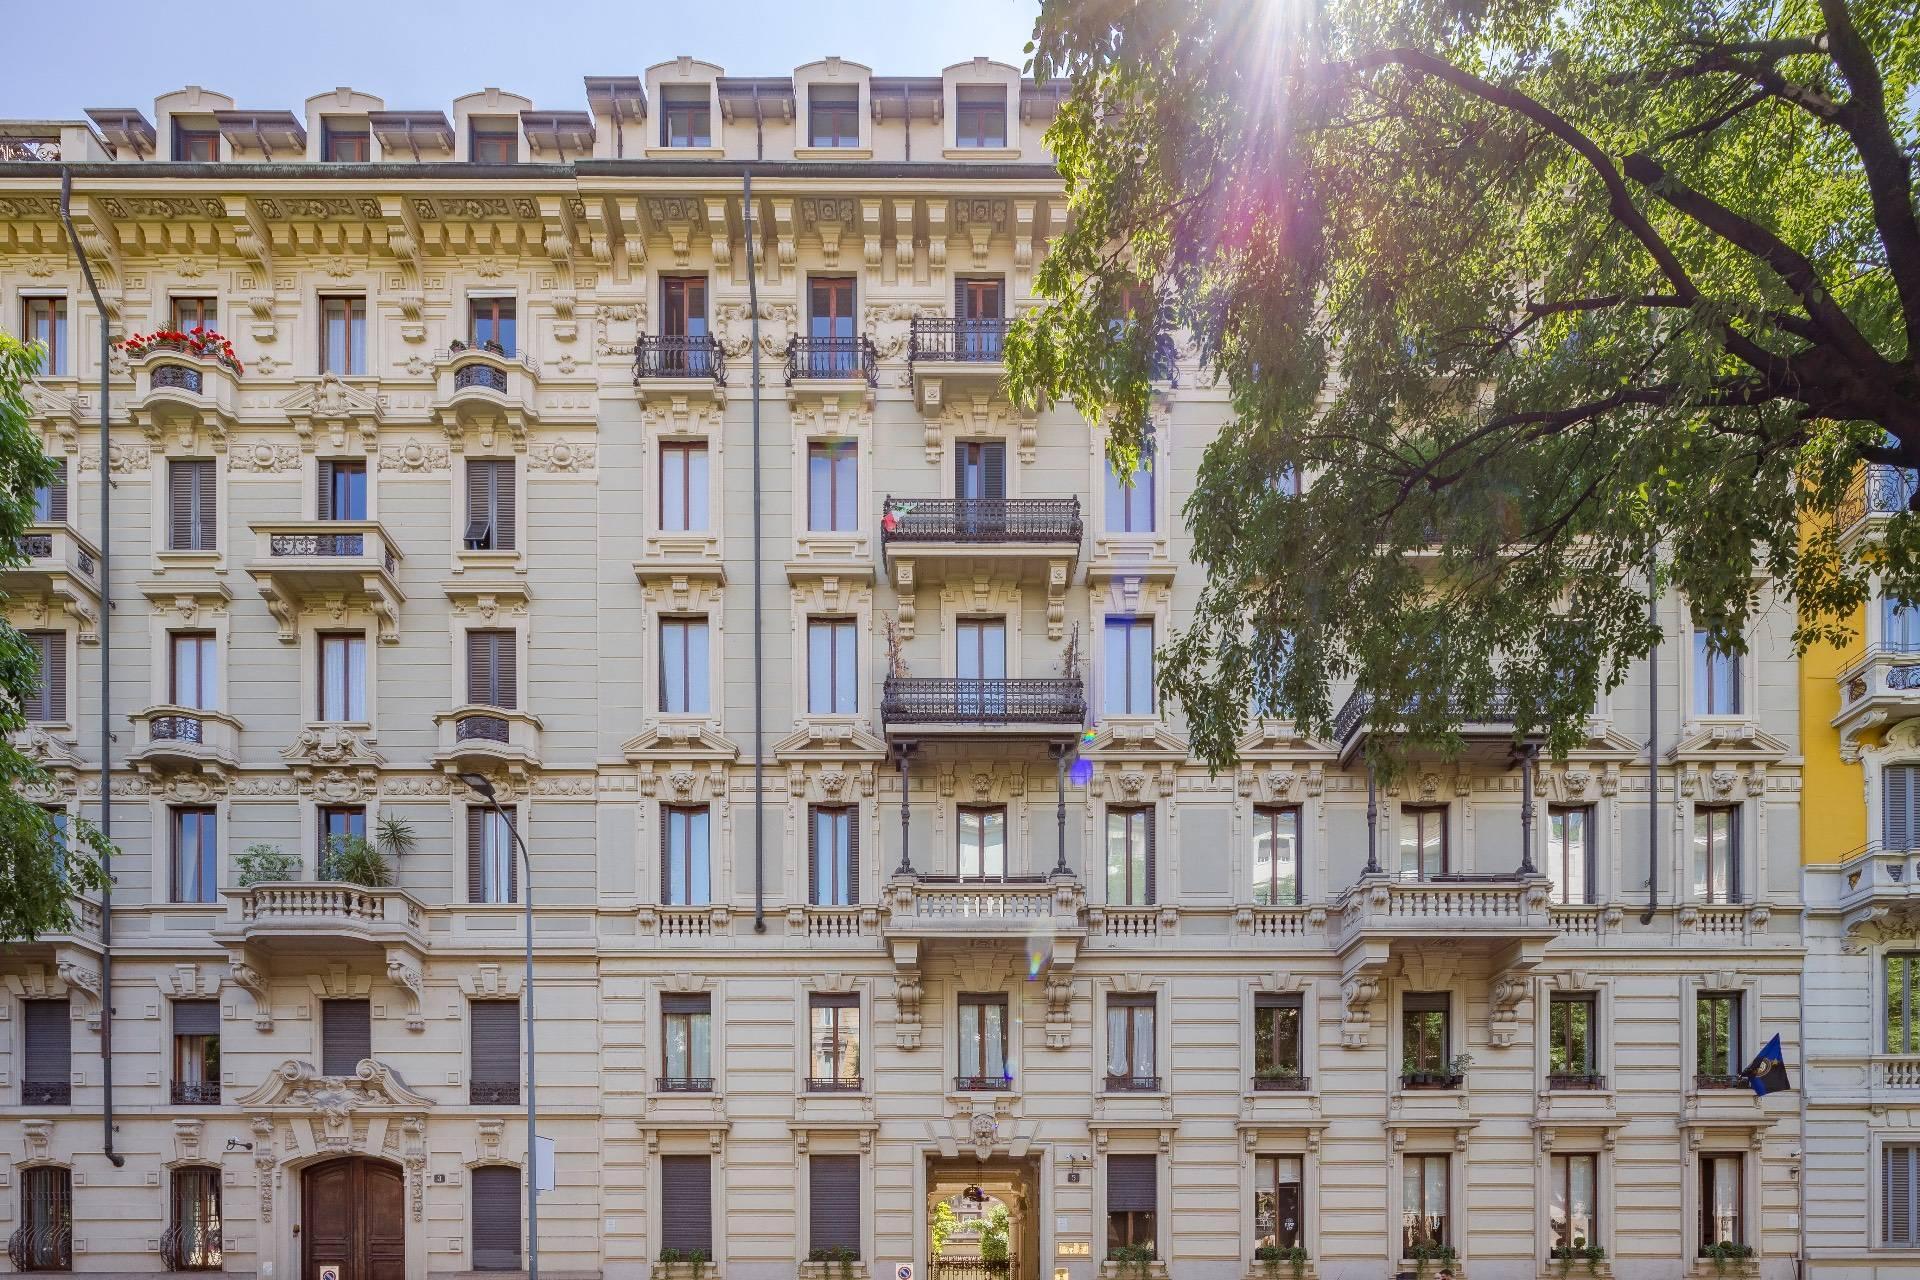 Elegante Wohnung im antiken Palast - 21